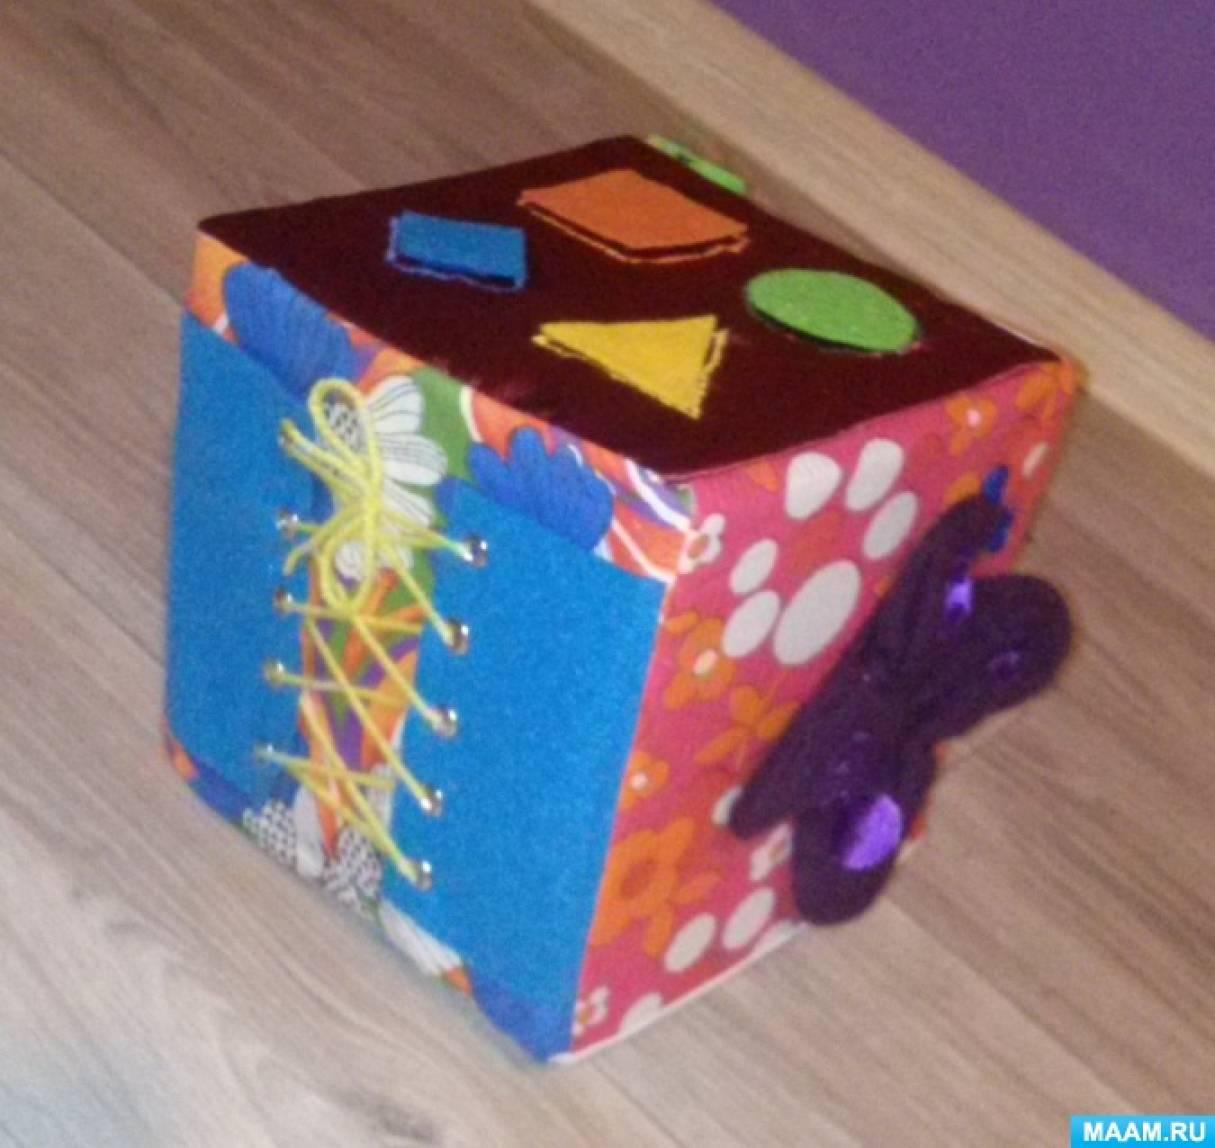 Сенсорный кубик своими руками 12